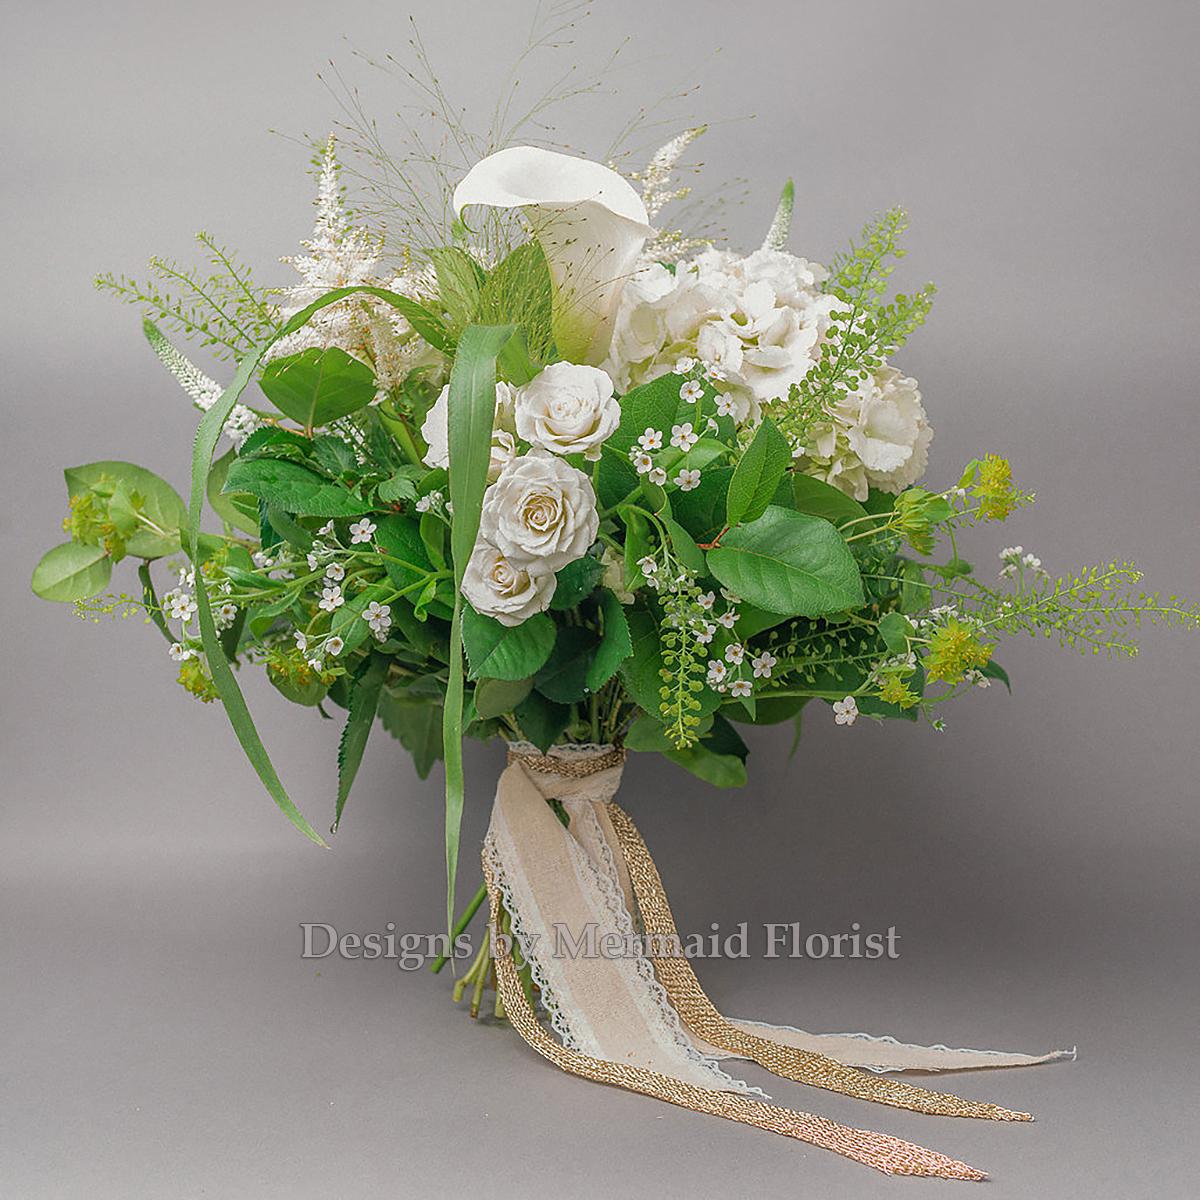 Sympathy Bouquet Flowers Dublin Wicklow Mermaid Florist